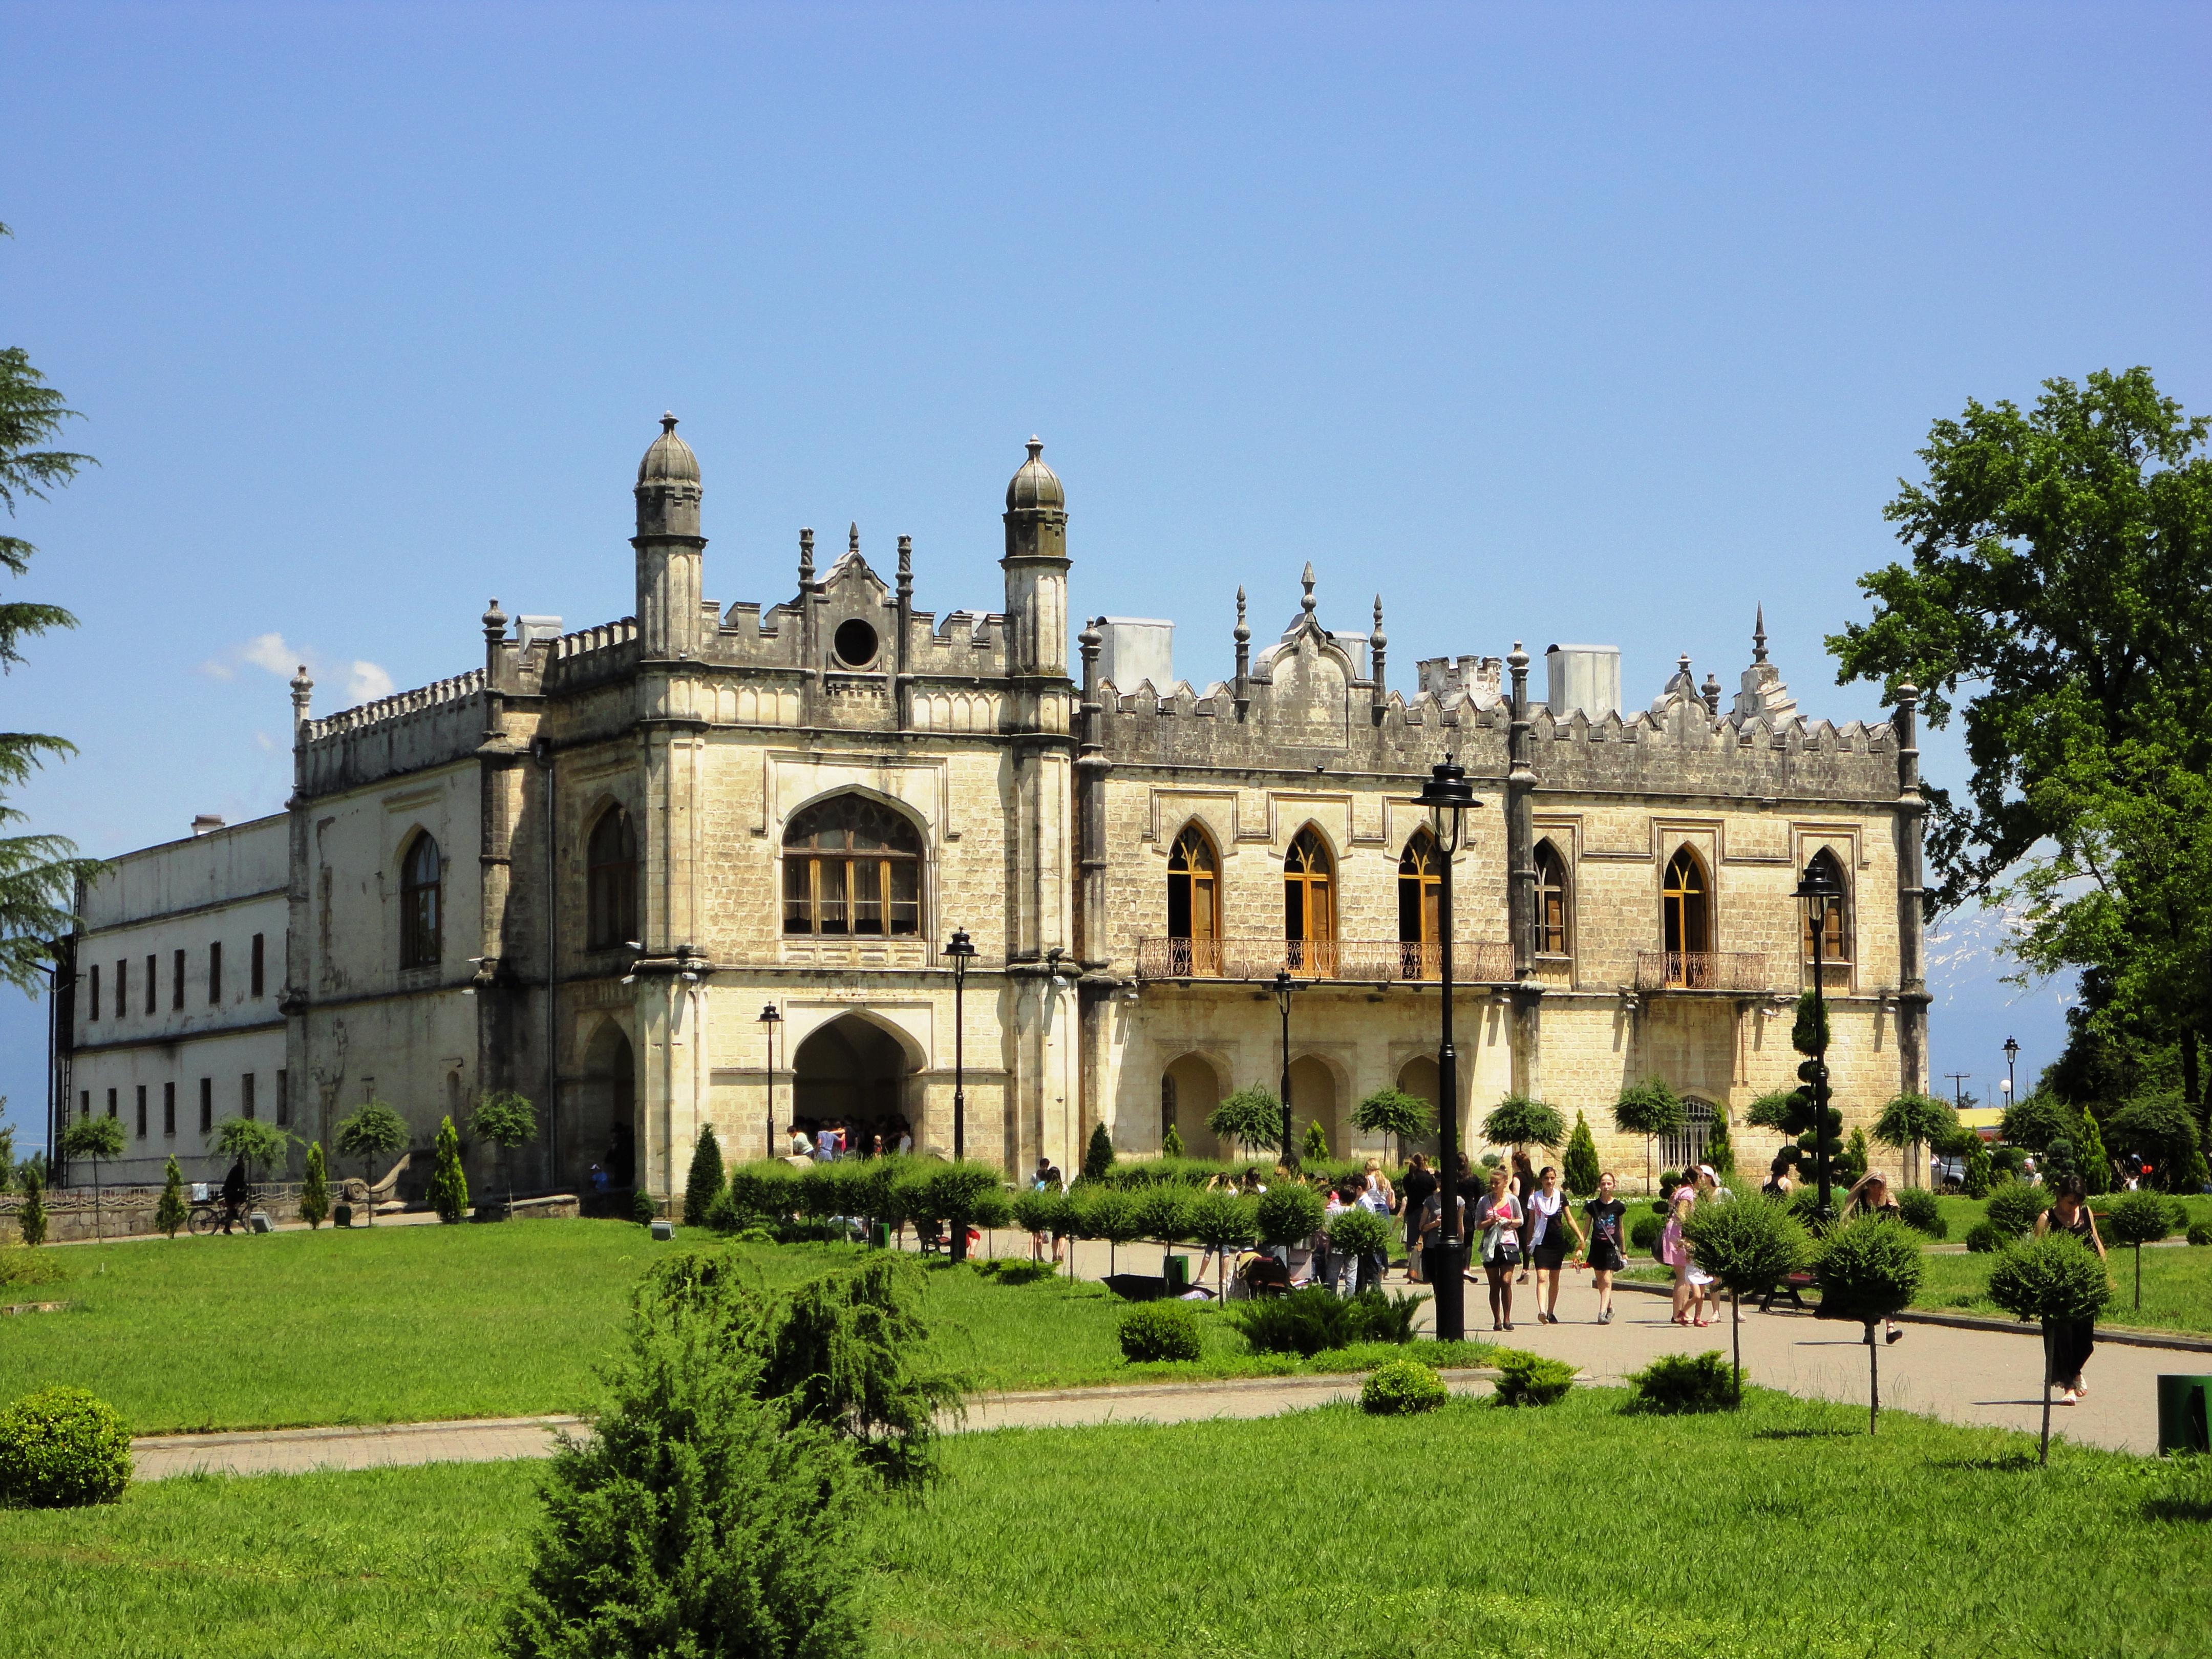 Достопримечательность города - дворец династии Дадиани